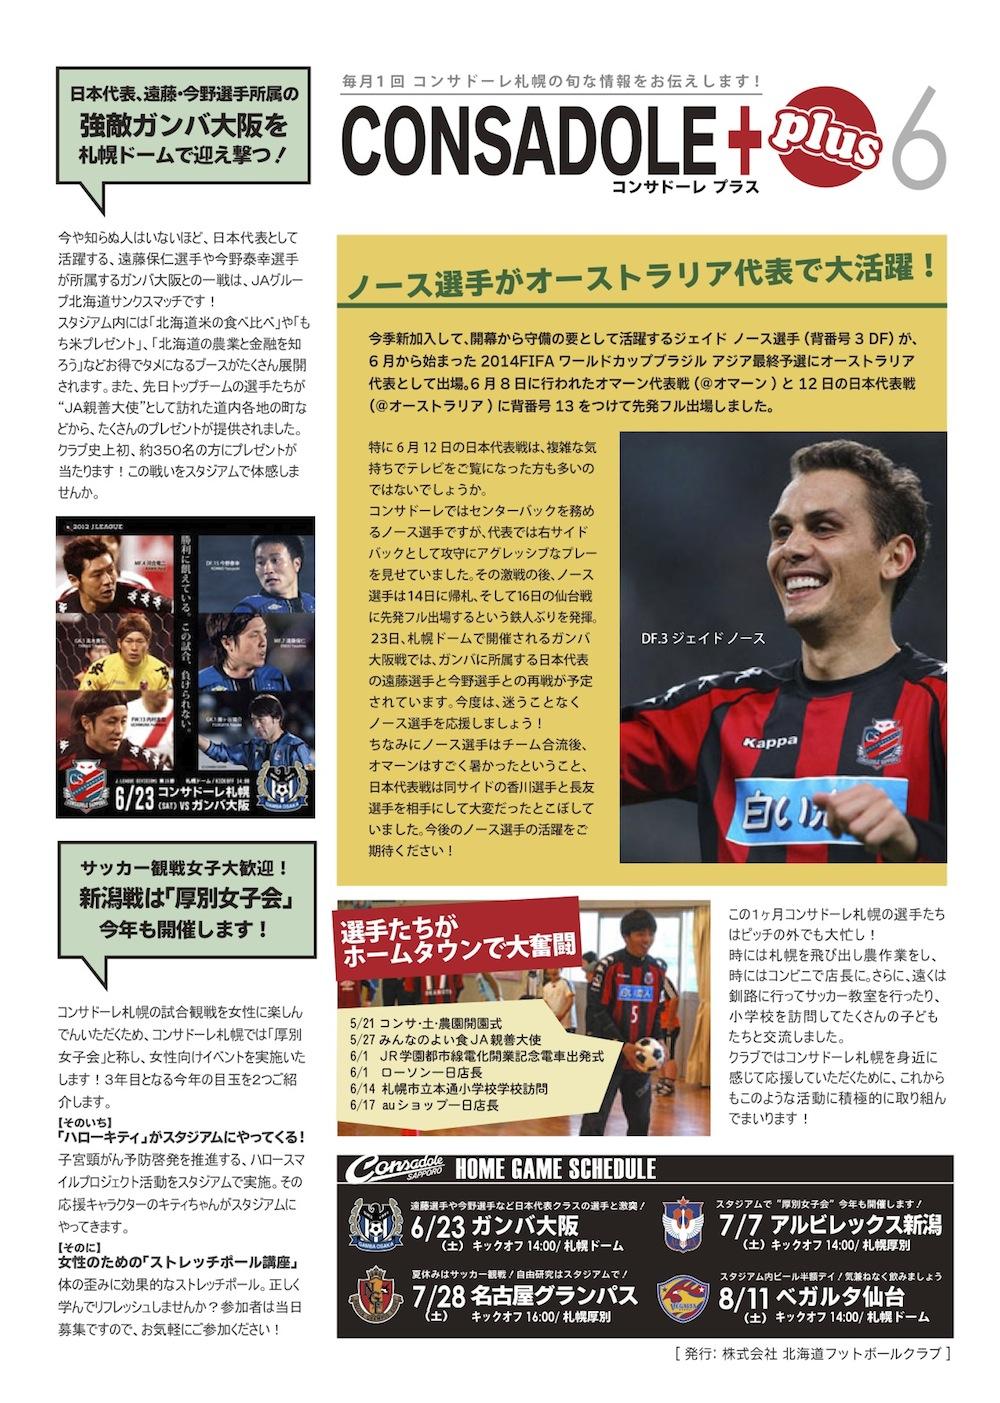 コンサドーレ札幌フリーペーパー「CONSADOLE+plus」2012年6月号